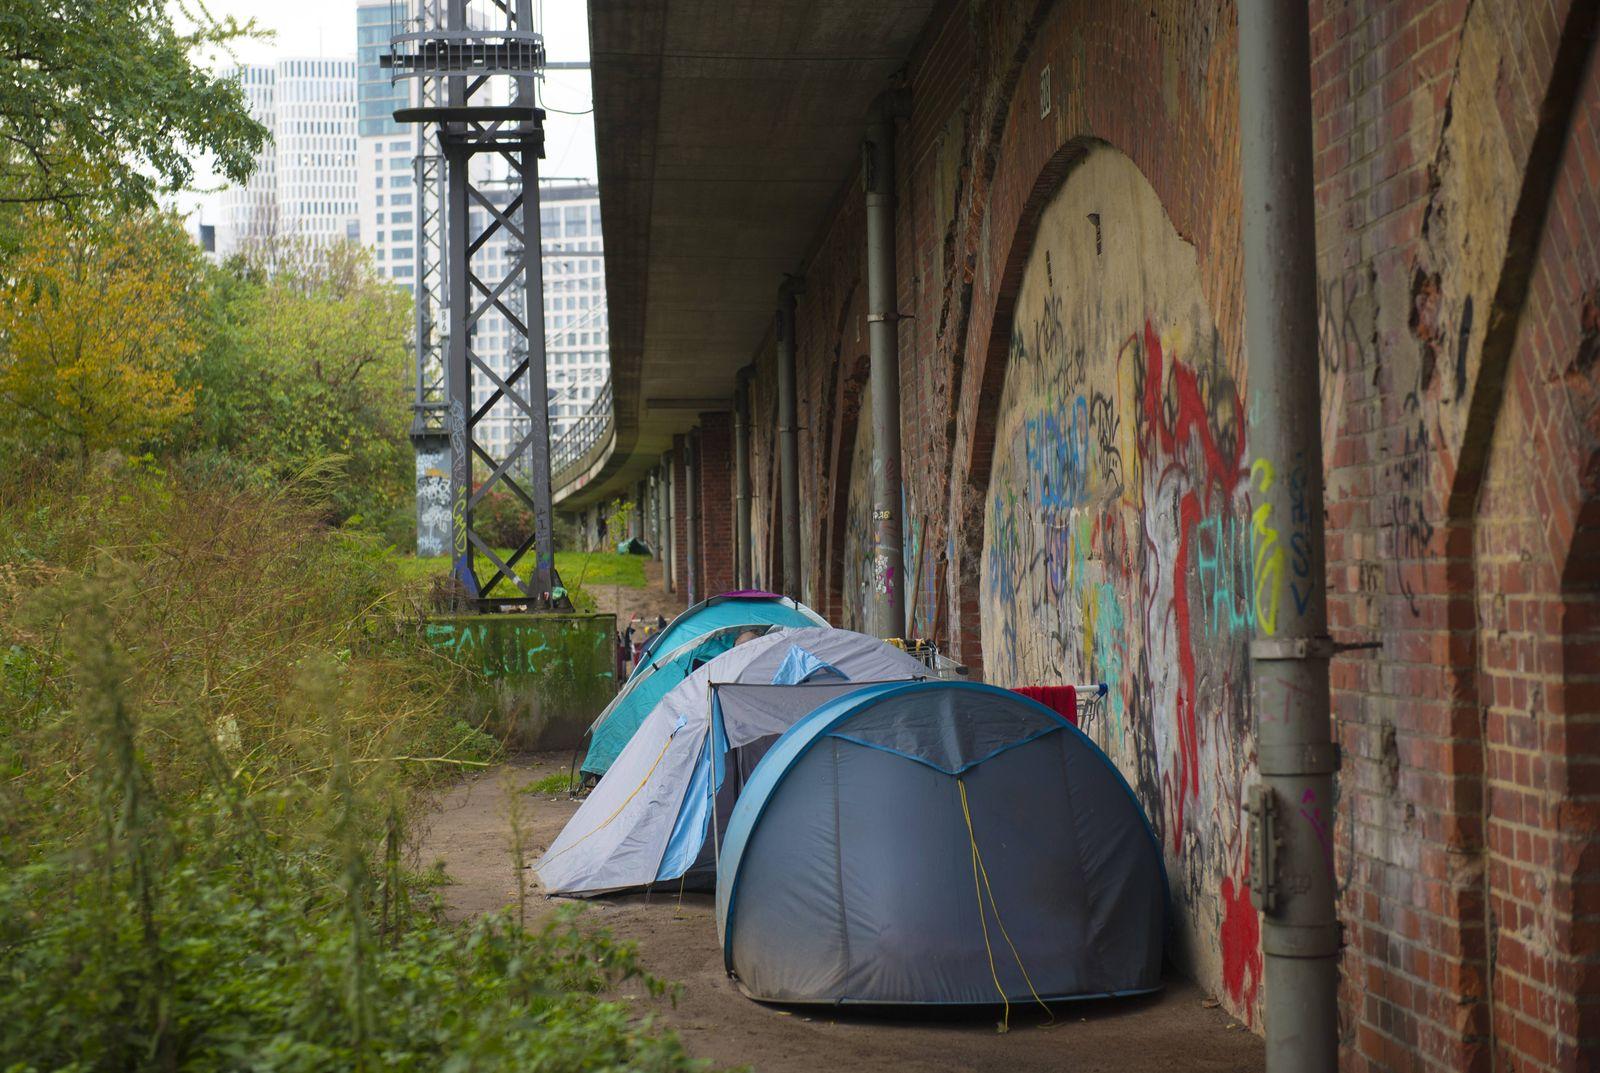 DEU Deutschland Germany Berlin 26 10 2017 Zelte von obdachlosen Personen im Tiergarten Obdachl